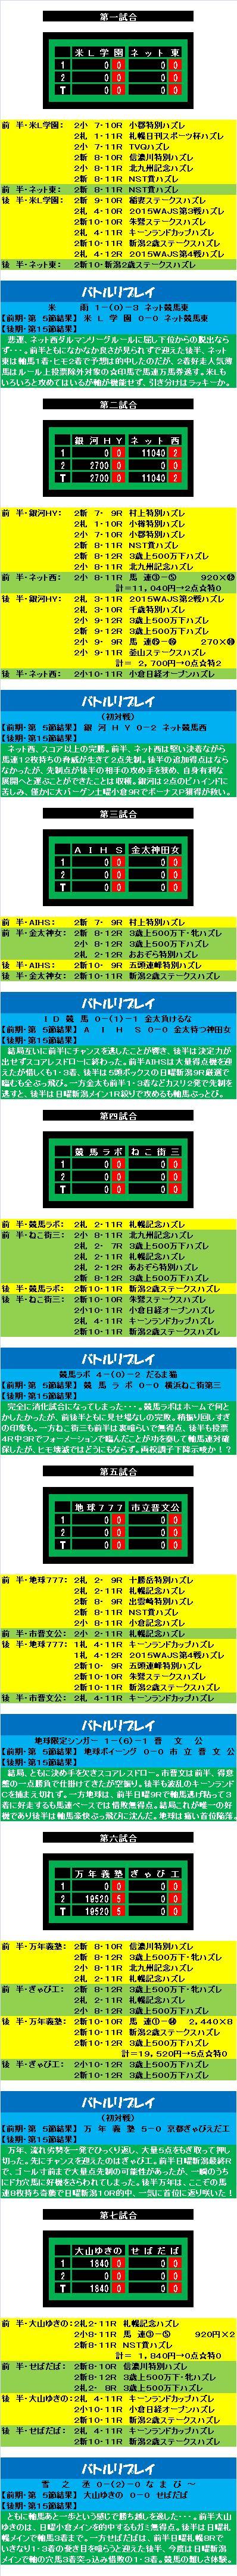 20150912・ダルマンリーグ第5節後半終了リプレイスコア⑧.jpg